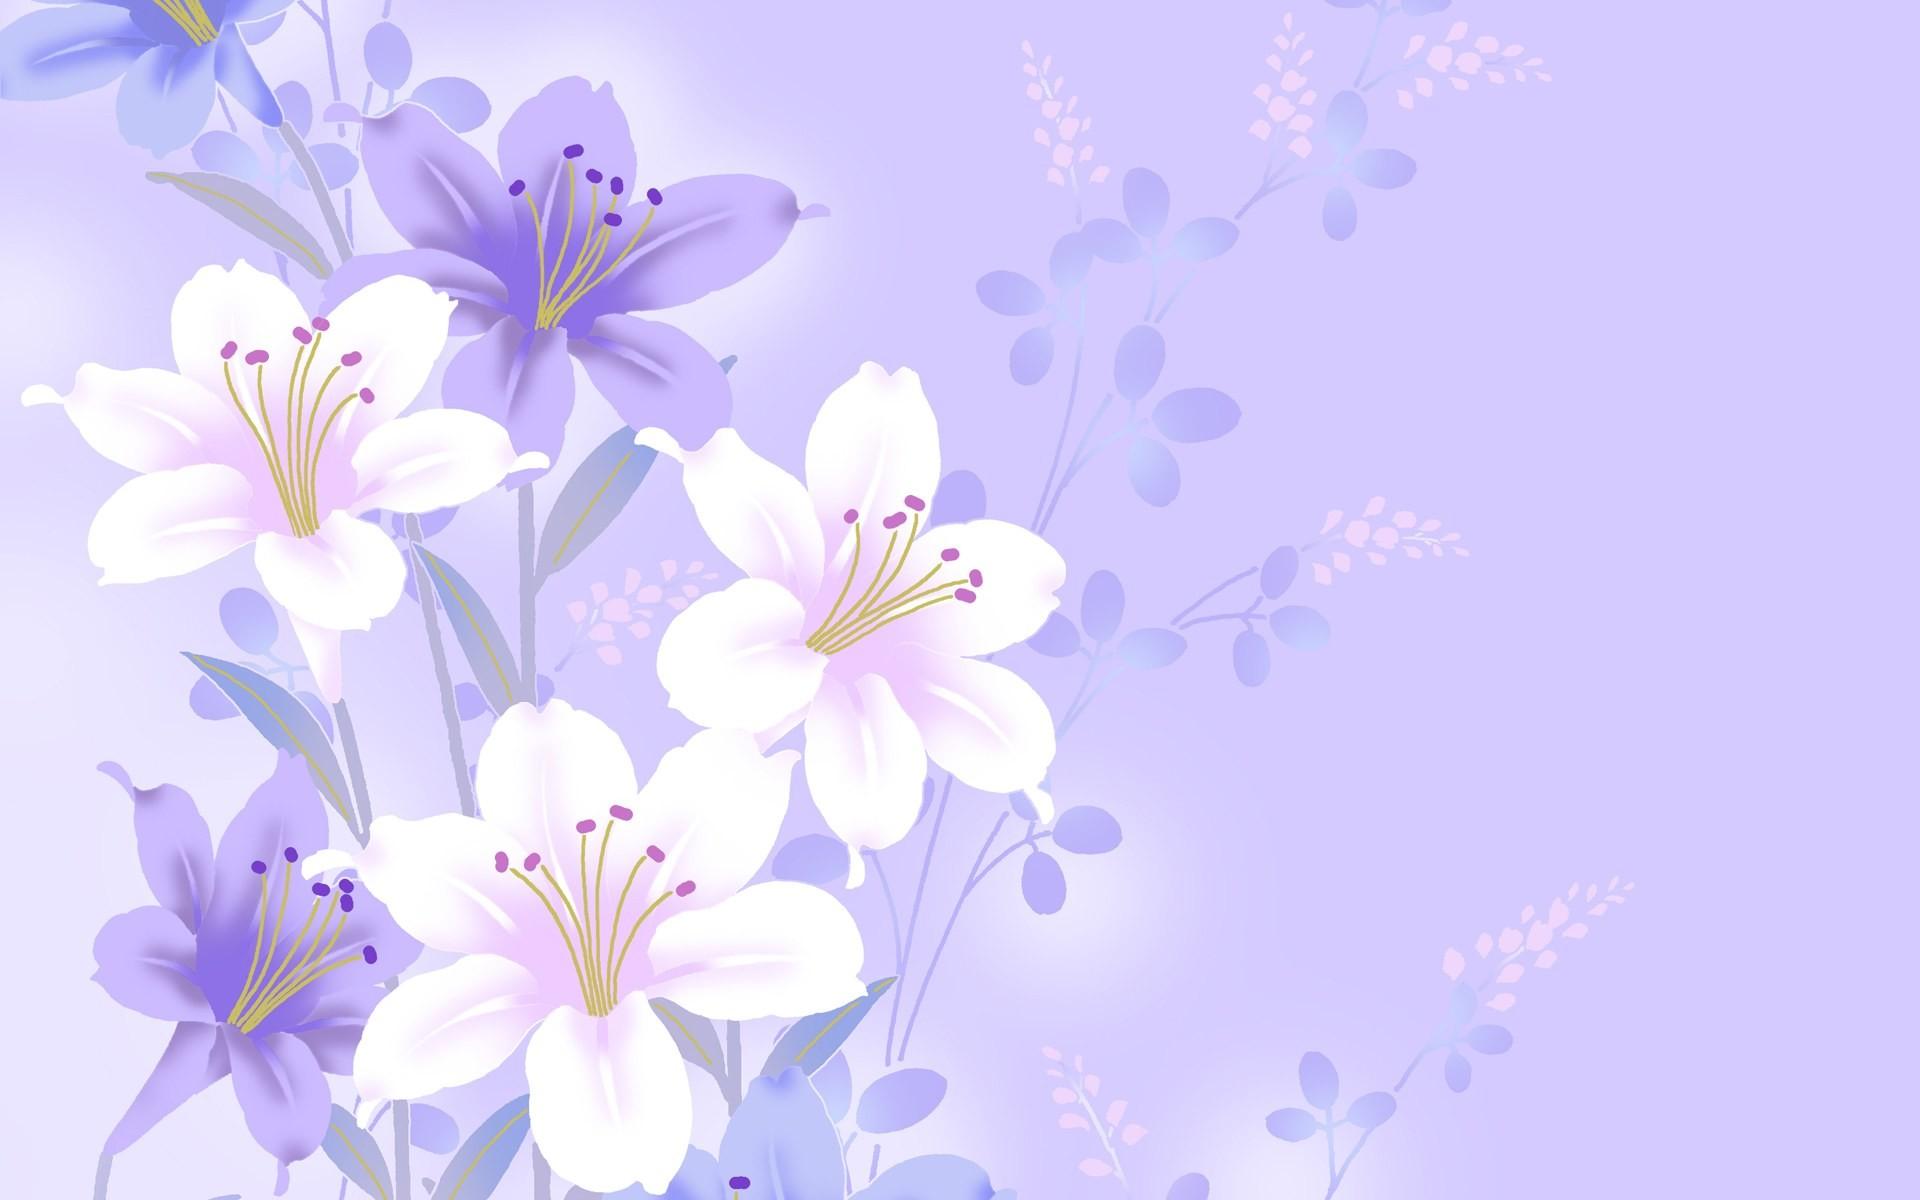 Flowers background wallpapers wallpaper mightylinksfo